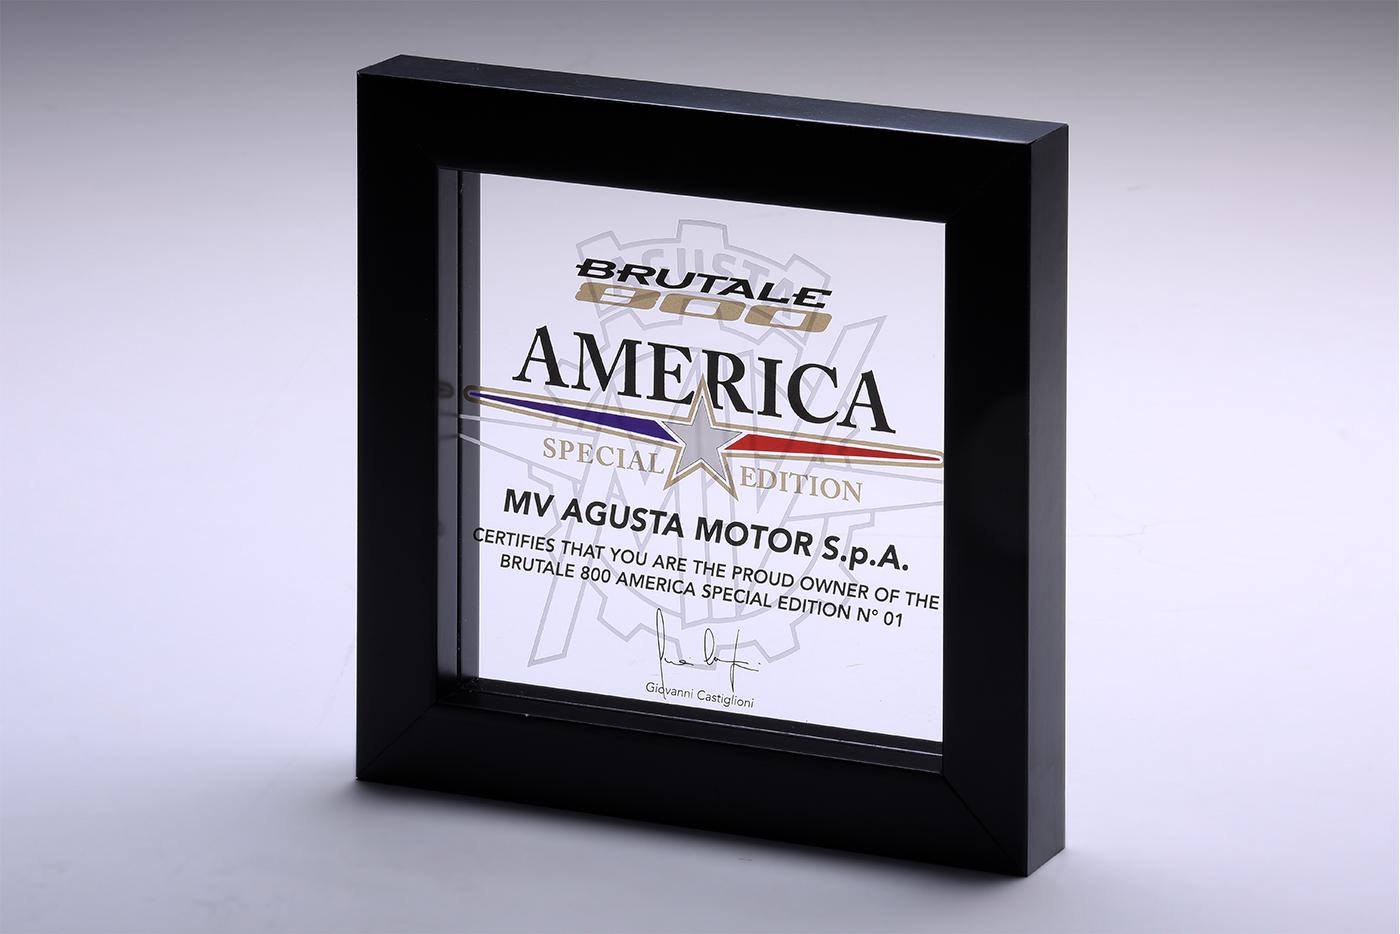 Brutale 800 RR America và giấy chứng nhận do chính MV Agusta cấp